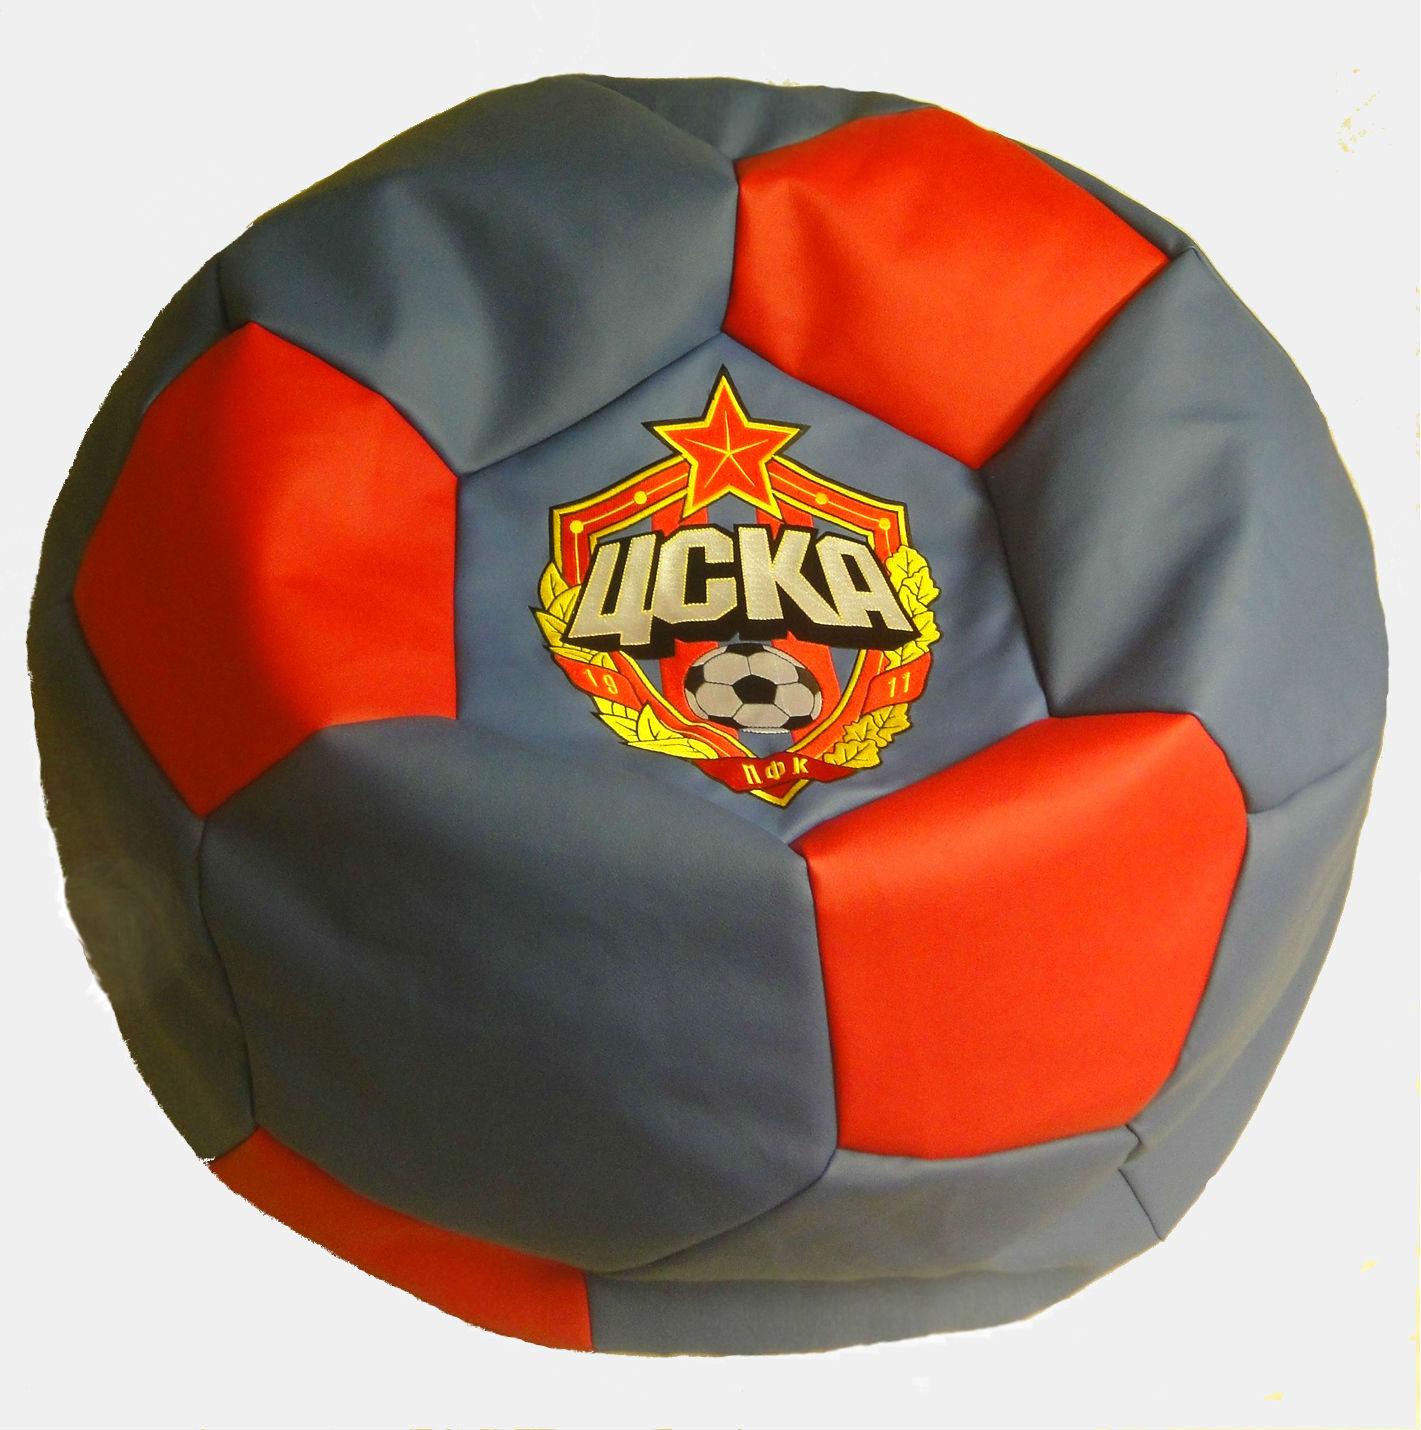 Кресло в виде мяча любимой команды